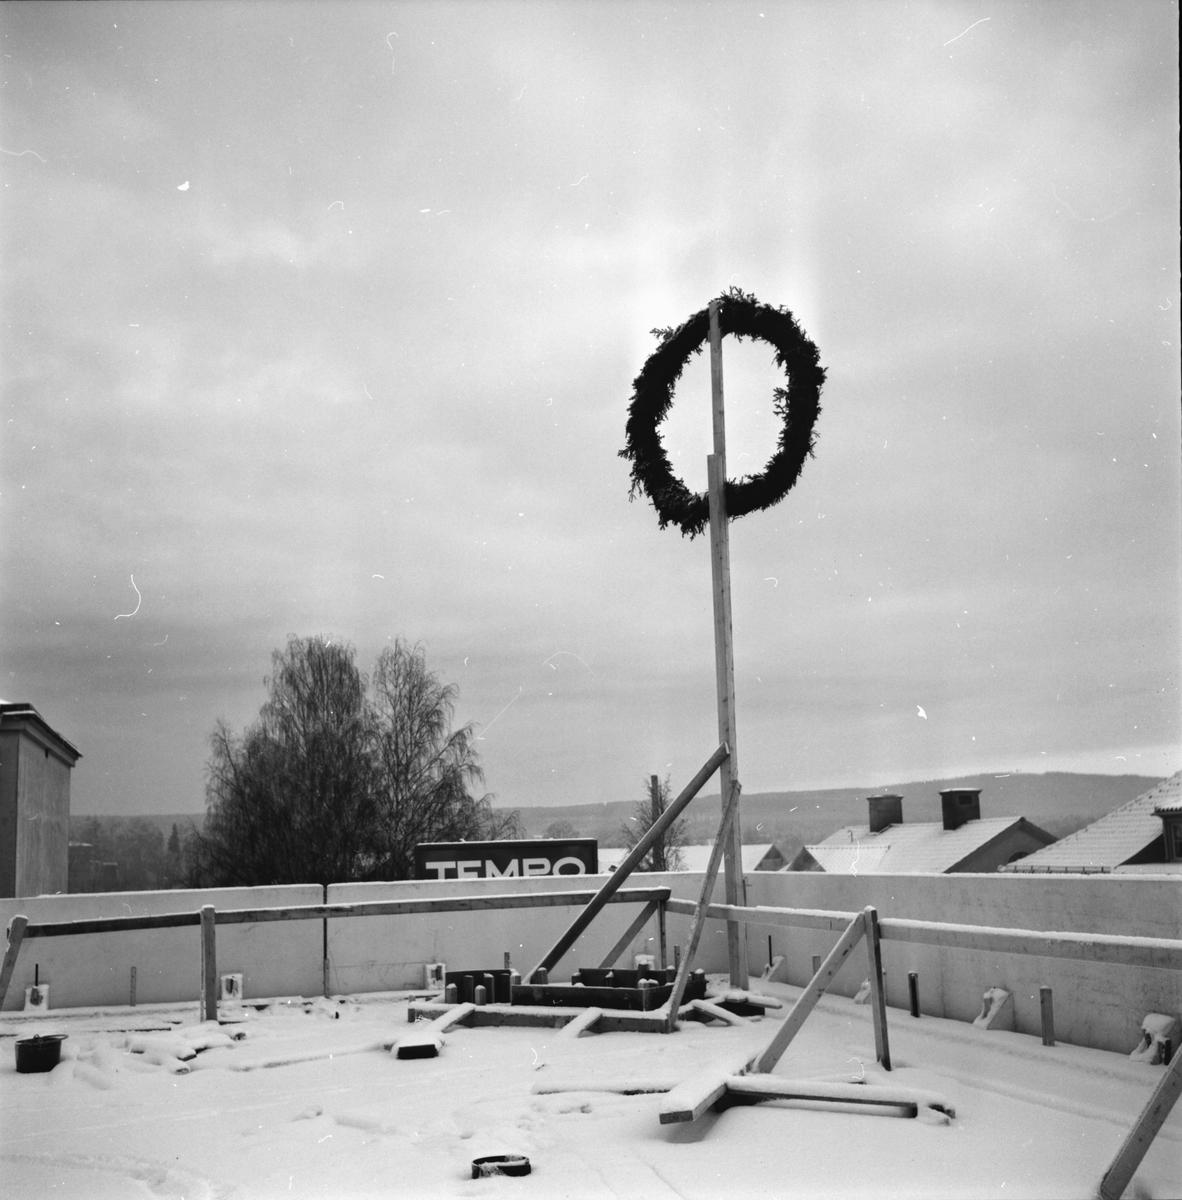 Tempobygget, Bollnäs, 16 Nov 1965